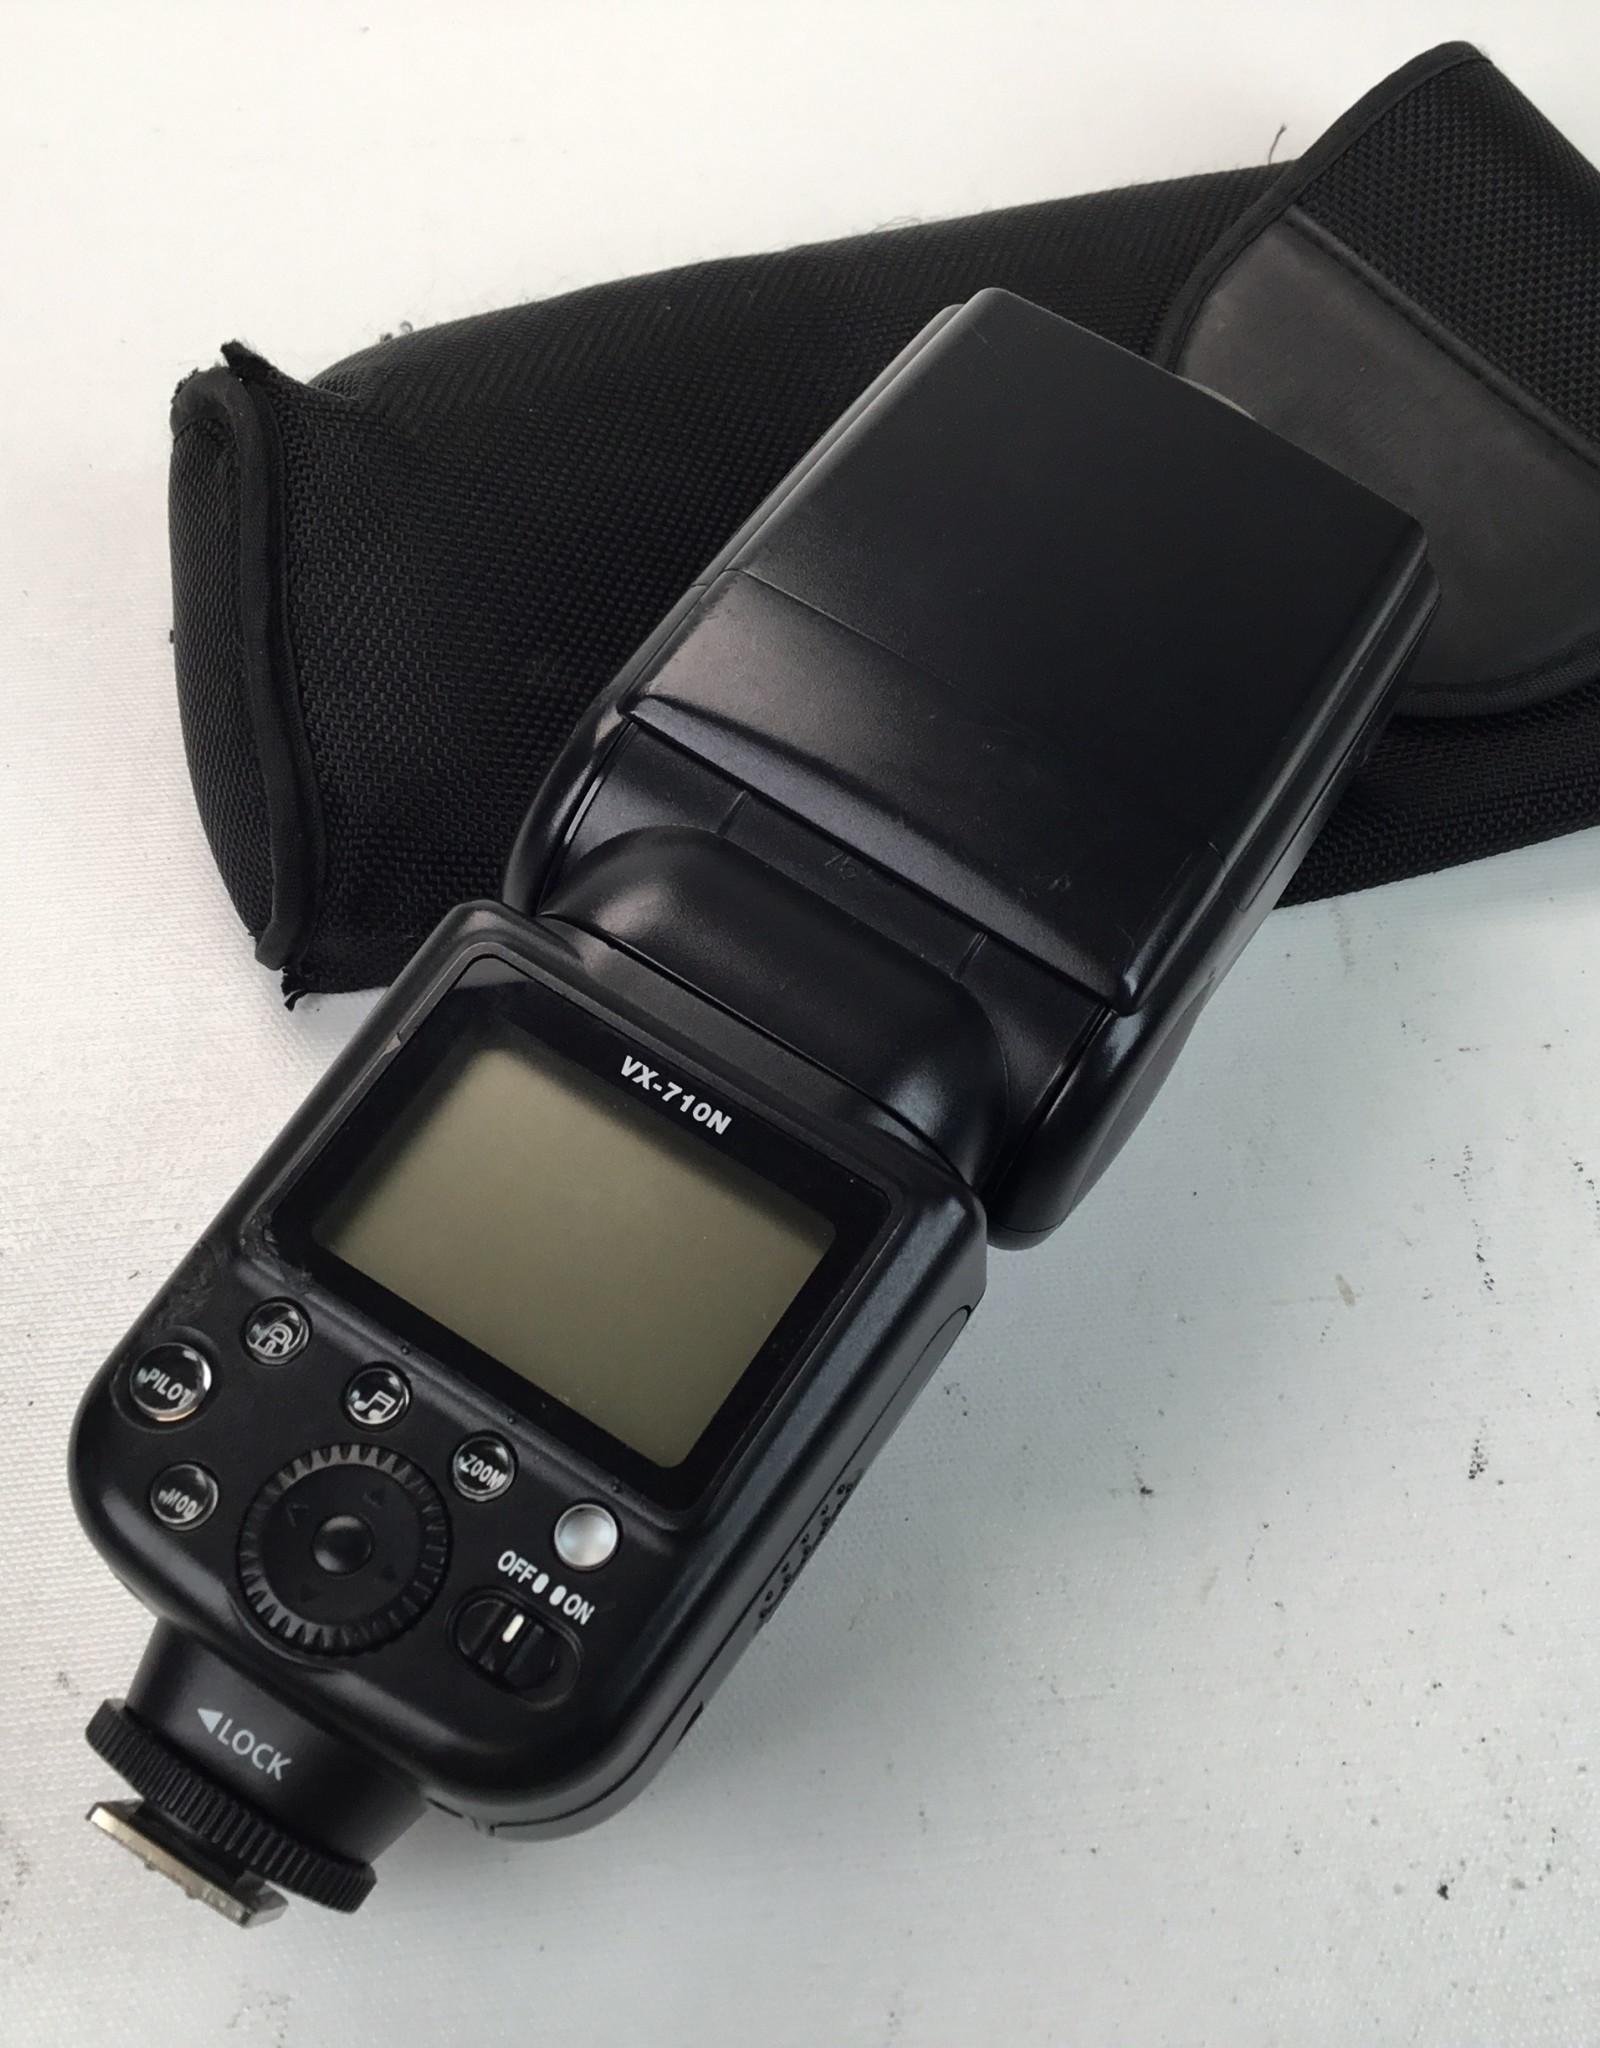 Bolt VX-710N Flash for Nikon Used EX